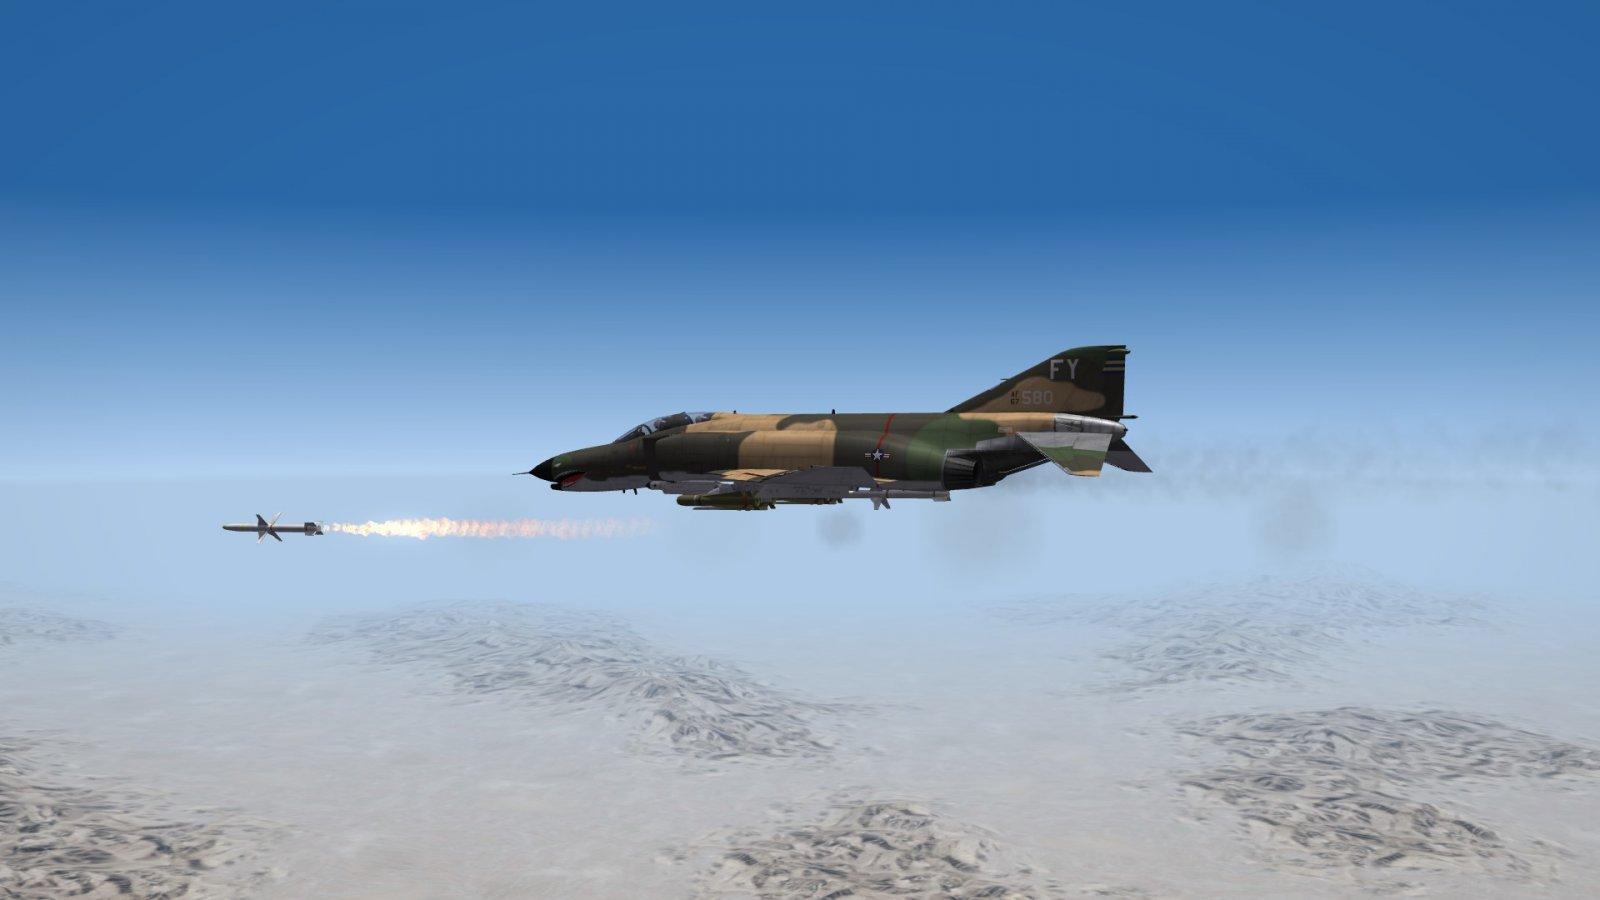 AGM-88A HARM FİRE